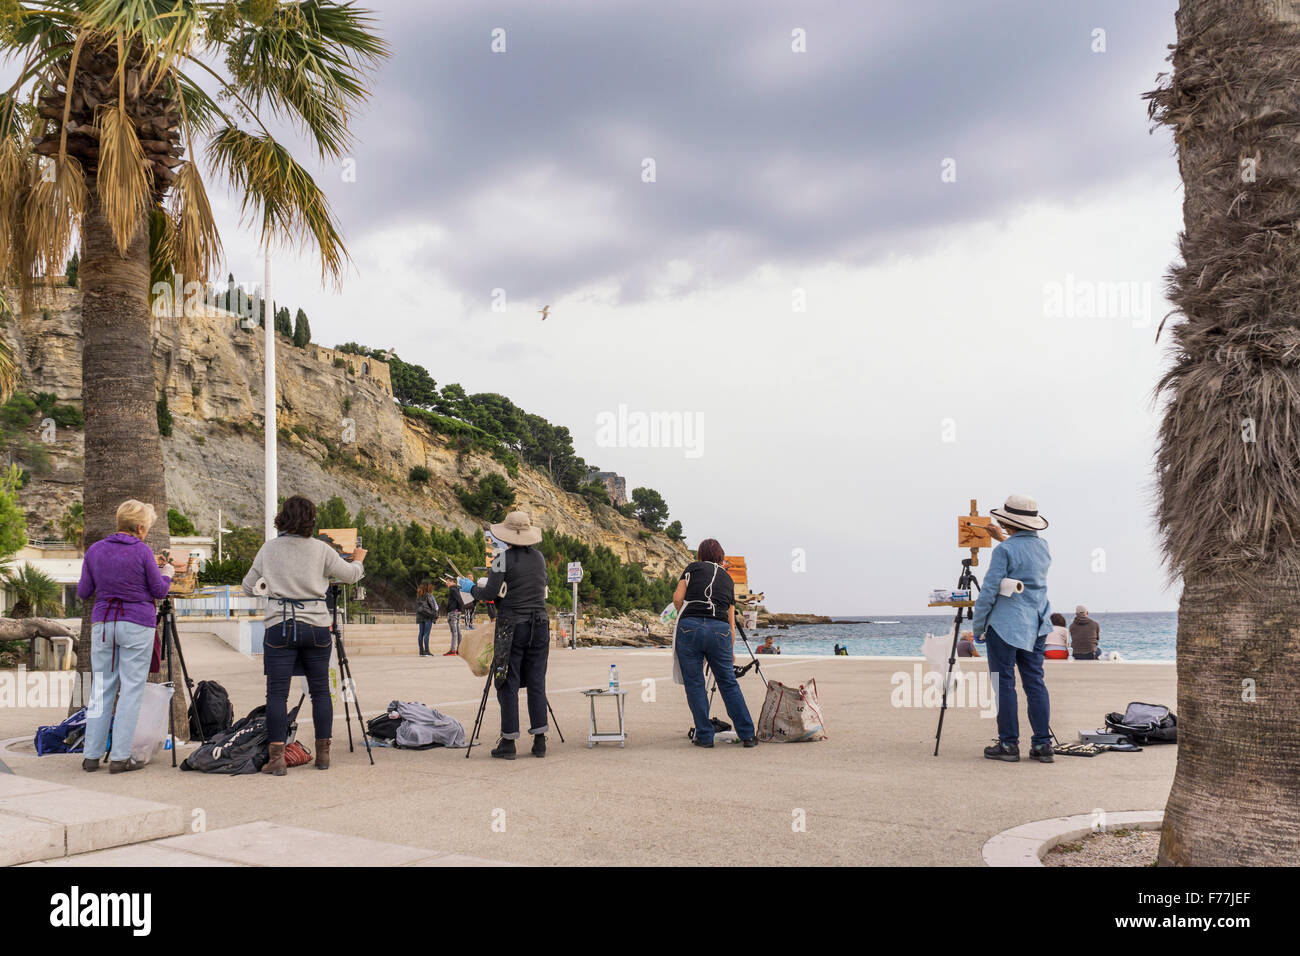 Hobbykünstler, Werkstatt, Cassis, Côte d ' Azur Frankreich Stockbild